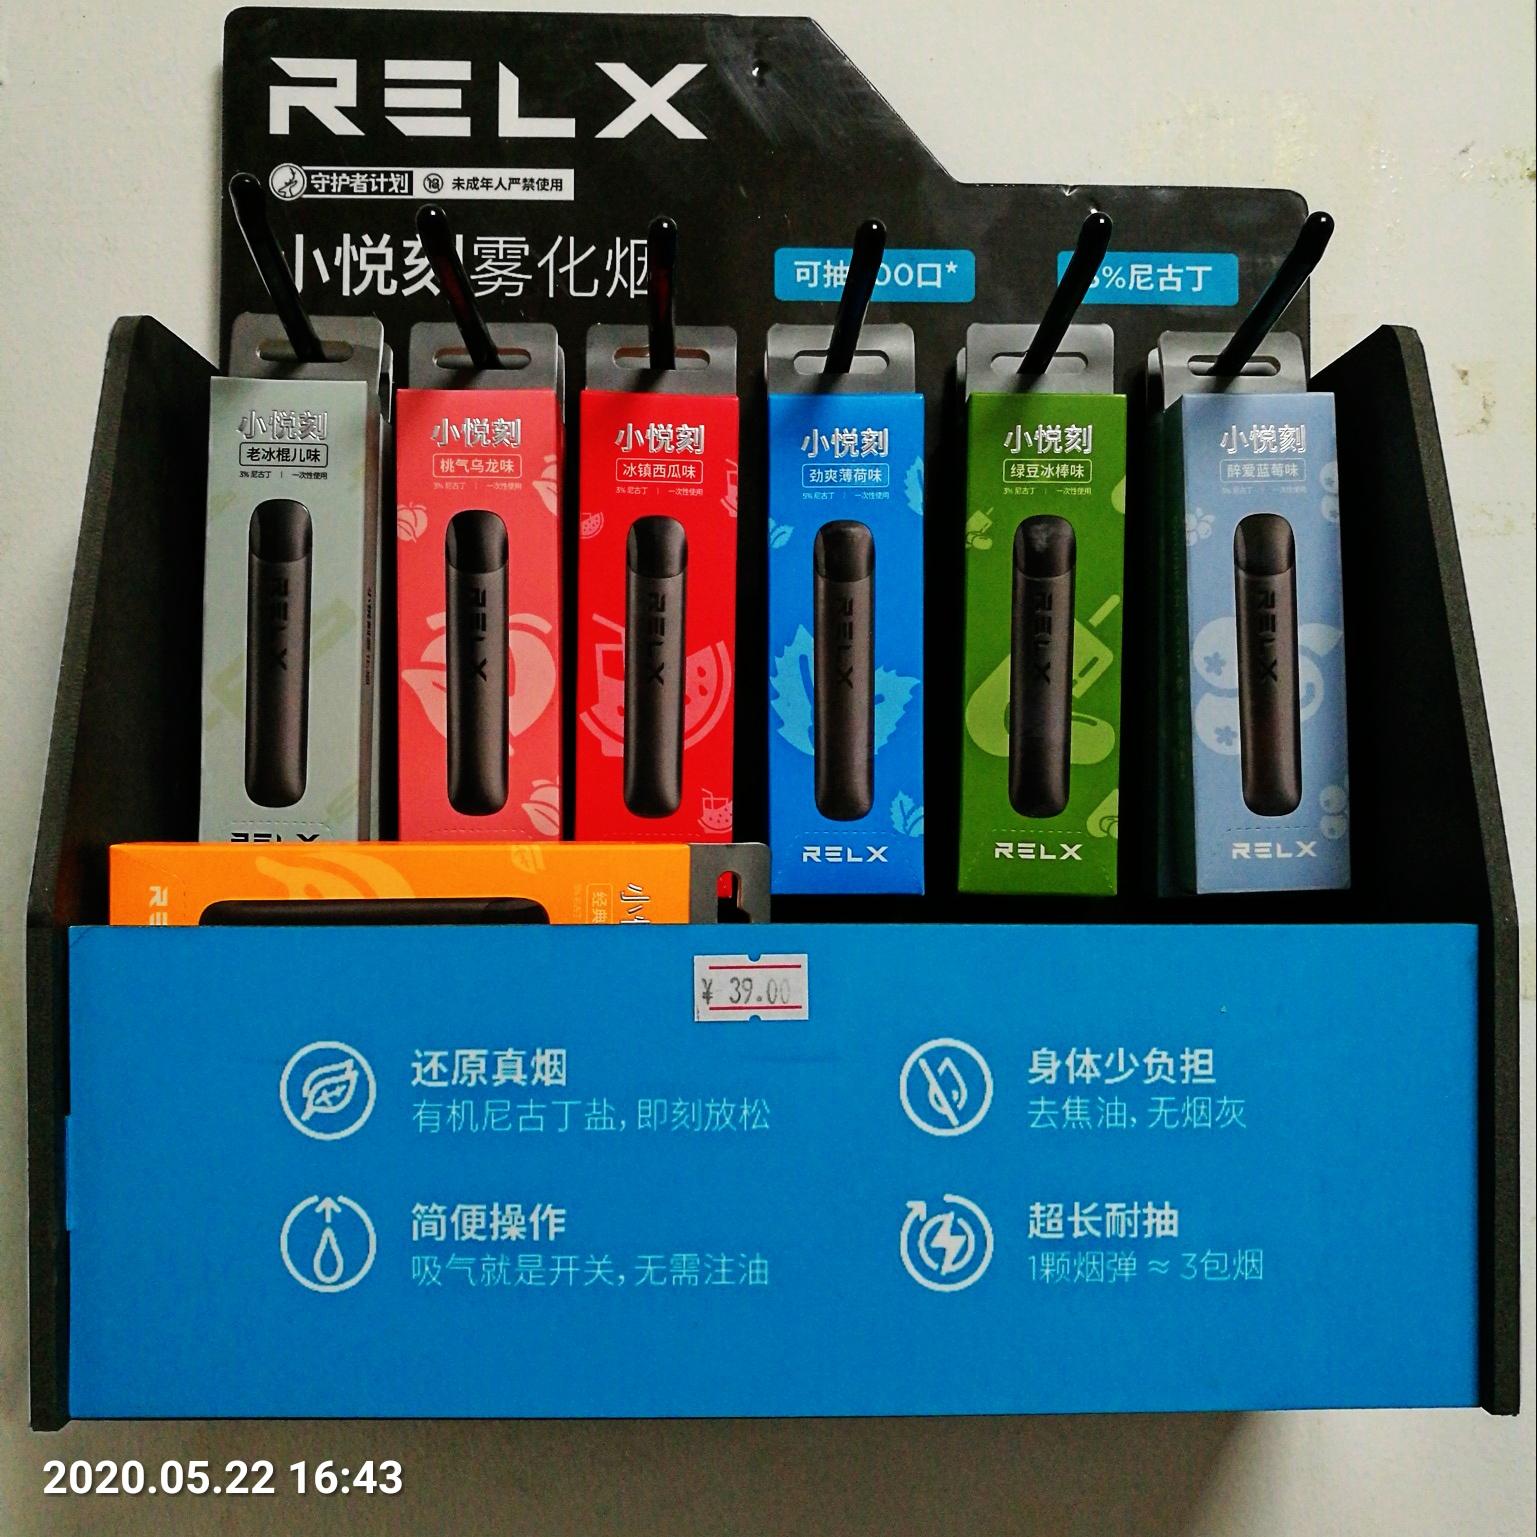 小悦刻雾化烟纸盒装1支 -每支抽吸200口 -小悦刻电子烟/RELX Nano